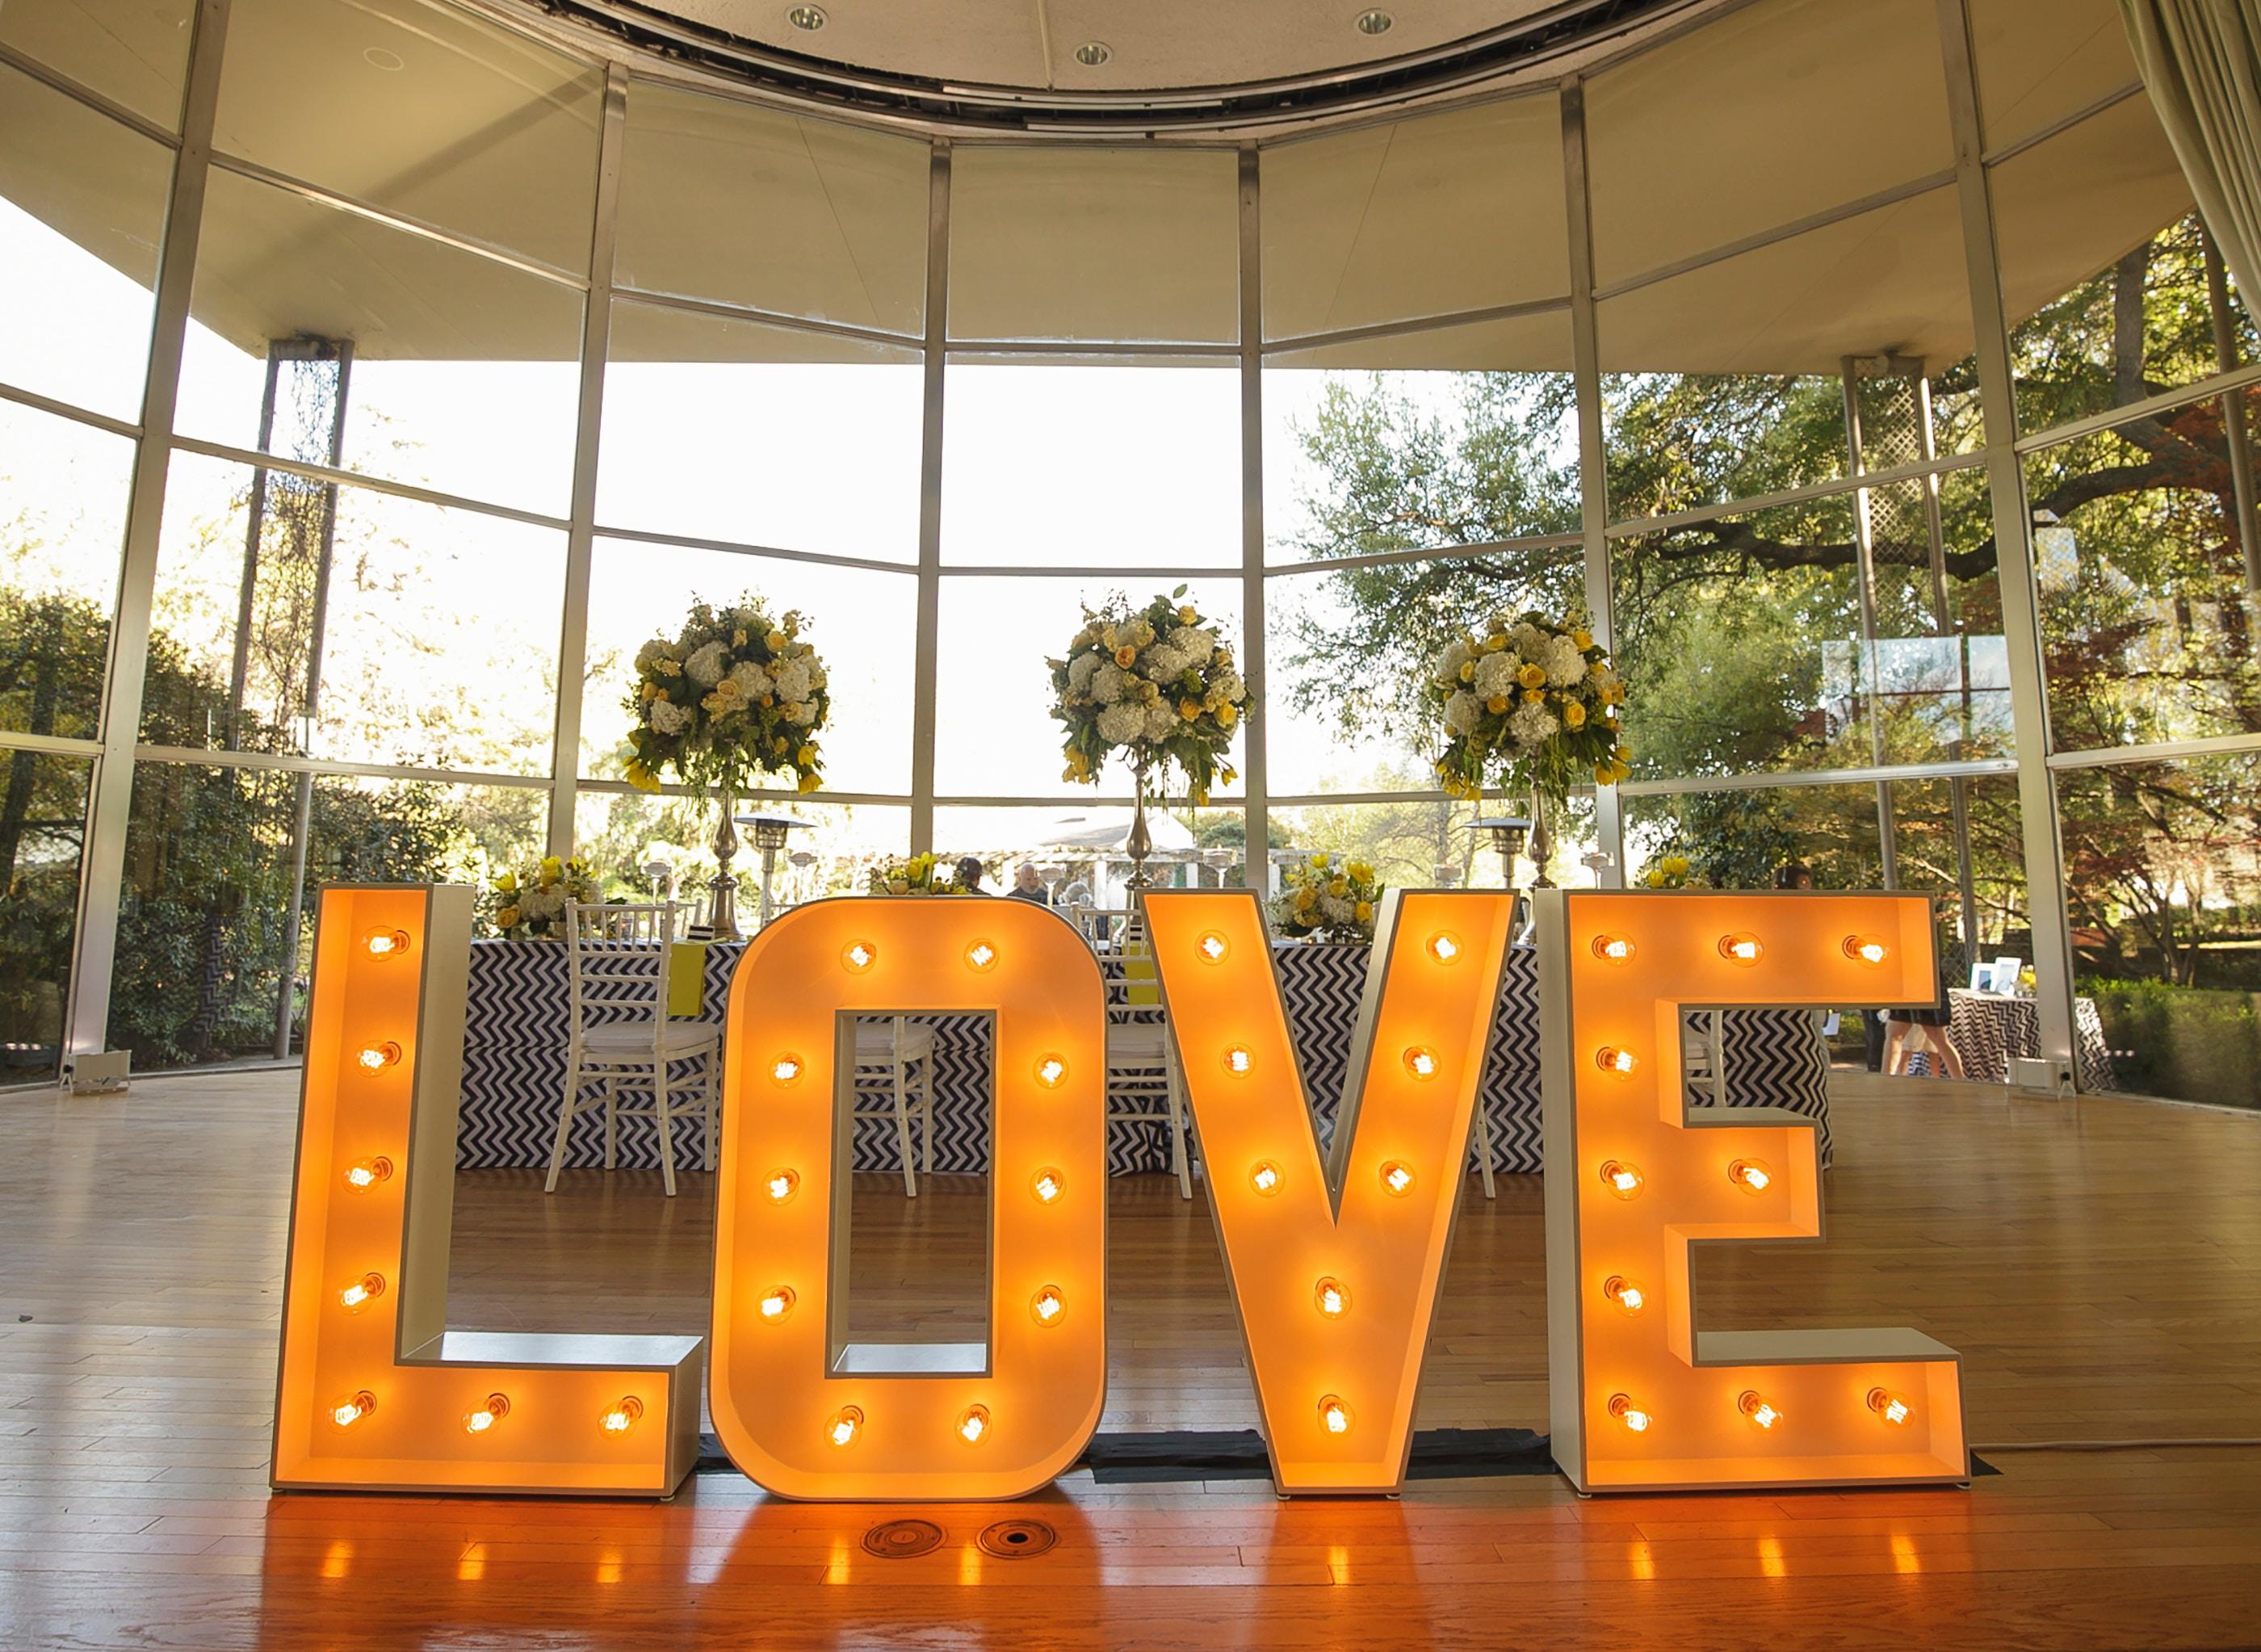 Les salons et festivals mariage sont-ils efficaces ? SPOILER : oui… si tu les choisis bien